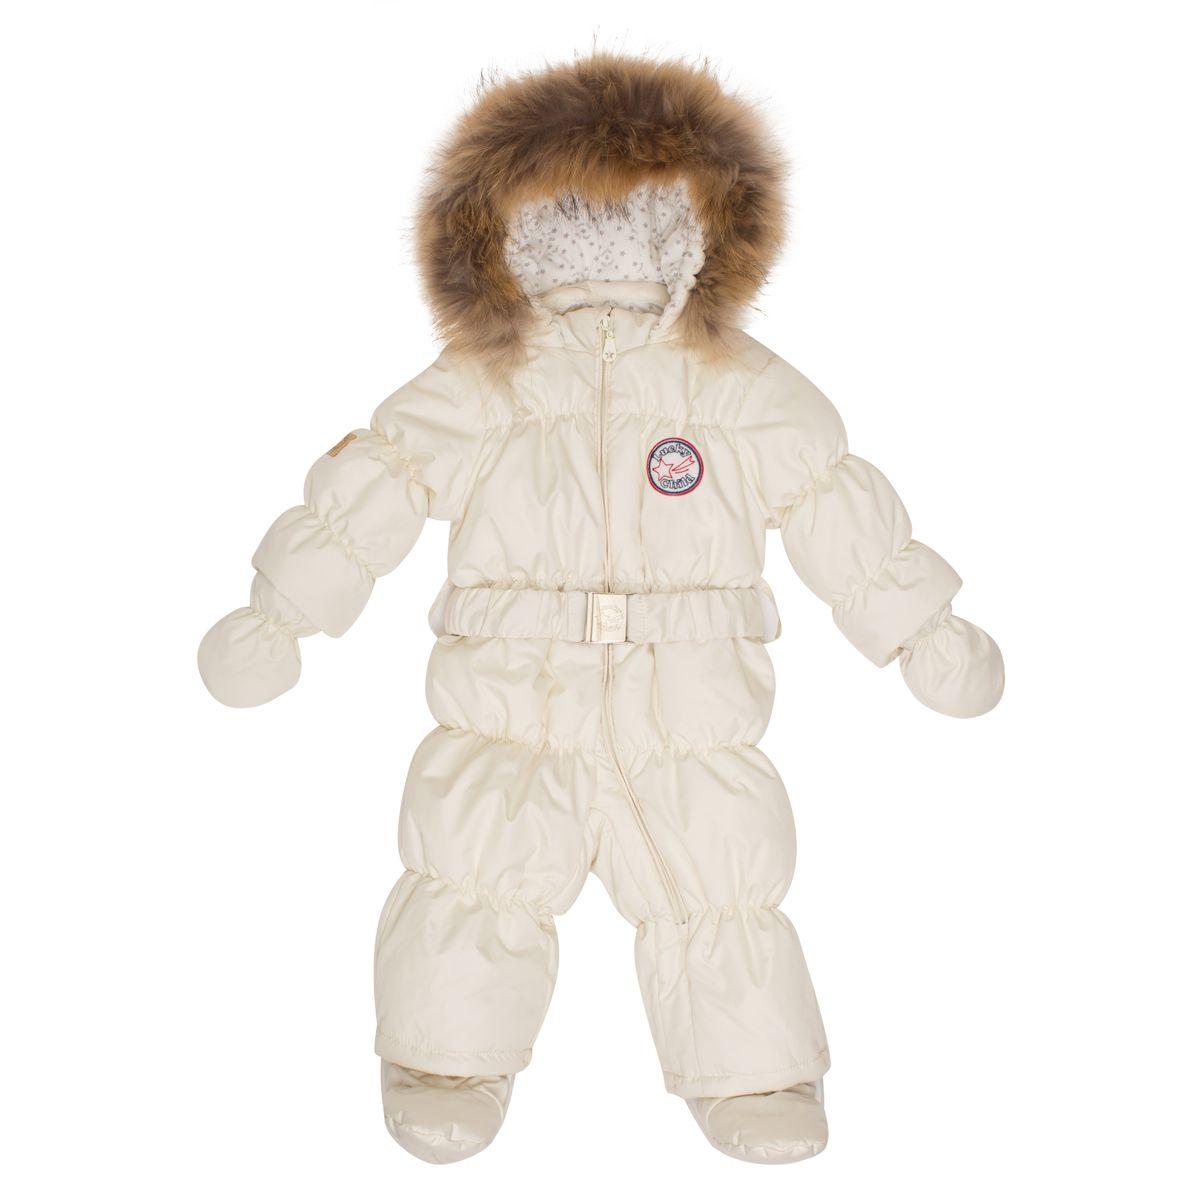 Комбинезон утепленныйВ1-3Этой зимой вашему малышу предстоит впервые увидеть снег? Подберите для этого важного знакомства удобный и тёплый комбинезон Lucky Child! Он выполнен из курточной ткани с влагостойкой пропиткой, а значит, не промокнет, даже если Ваша кроха, знакомясь со снегом, решит нырнуть в сугроб. Наполнитель - лёгкий и тёплый Isosoft, который позволит ребёнку не мёрзнуть при температуре до -30°и при этом вести активную деятельность во время прогулки. Трикотажная подкладка (кулирка) обладает воздухопроницаемыми и водоотводными свойствами, что очень важно, если малыш вспотеет. Капюшон оторочен натуральным мехом енота. Ножки и ручки малыша утеплят отстёгивающиеся варежки и сапожки.